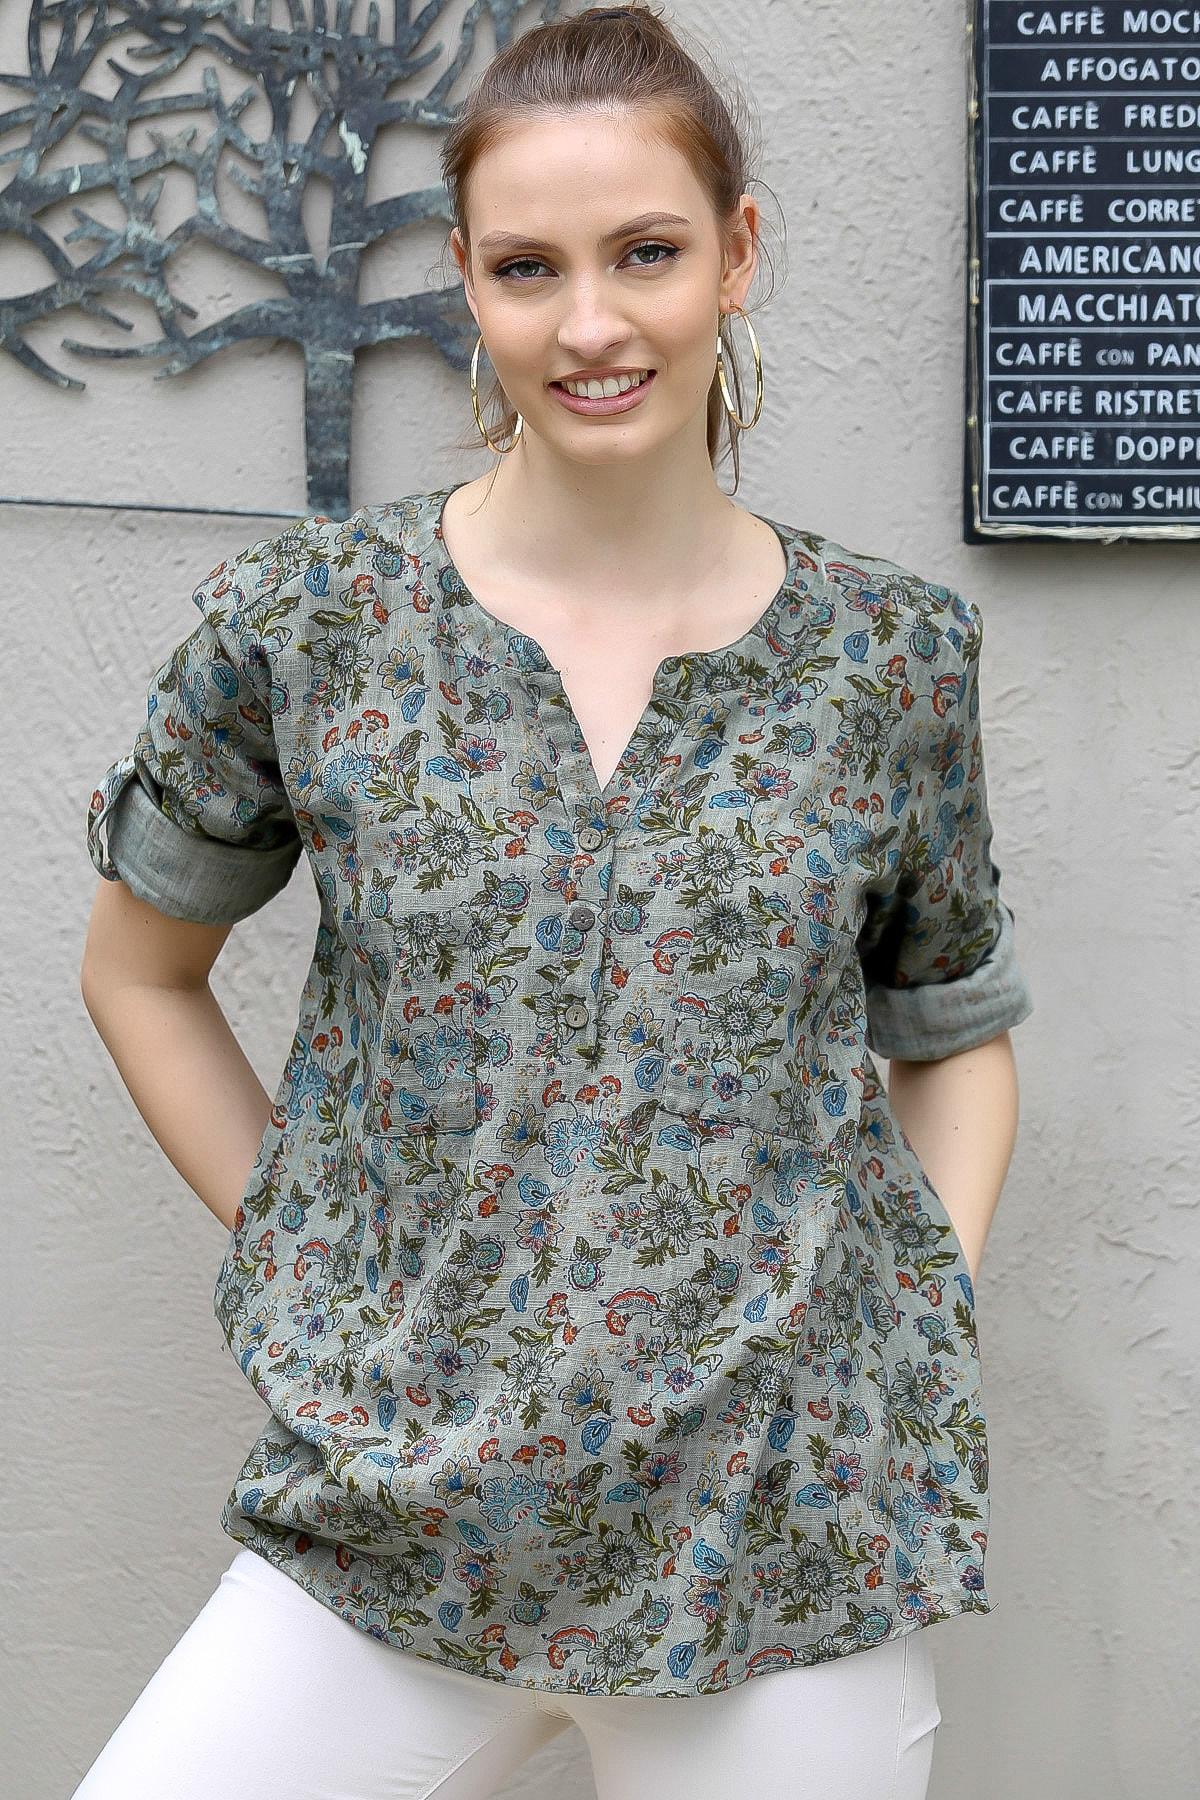 Chiccy Kadın Haki Patı Düğmeli Çiçek Desen Cepli Kolları Ayar Düğmeli Dokuma Bluz M10010200BL95428